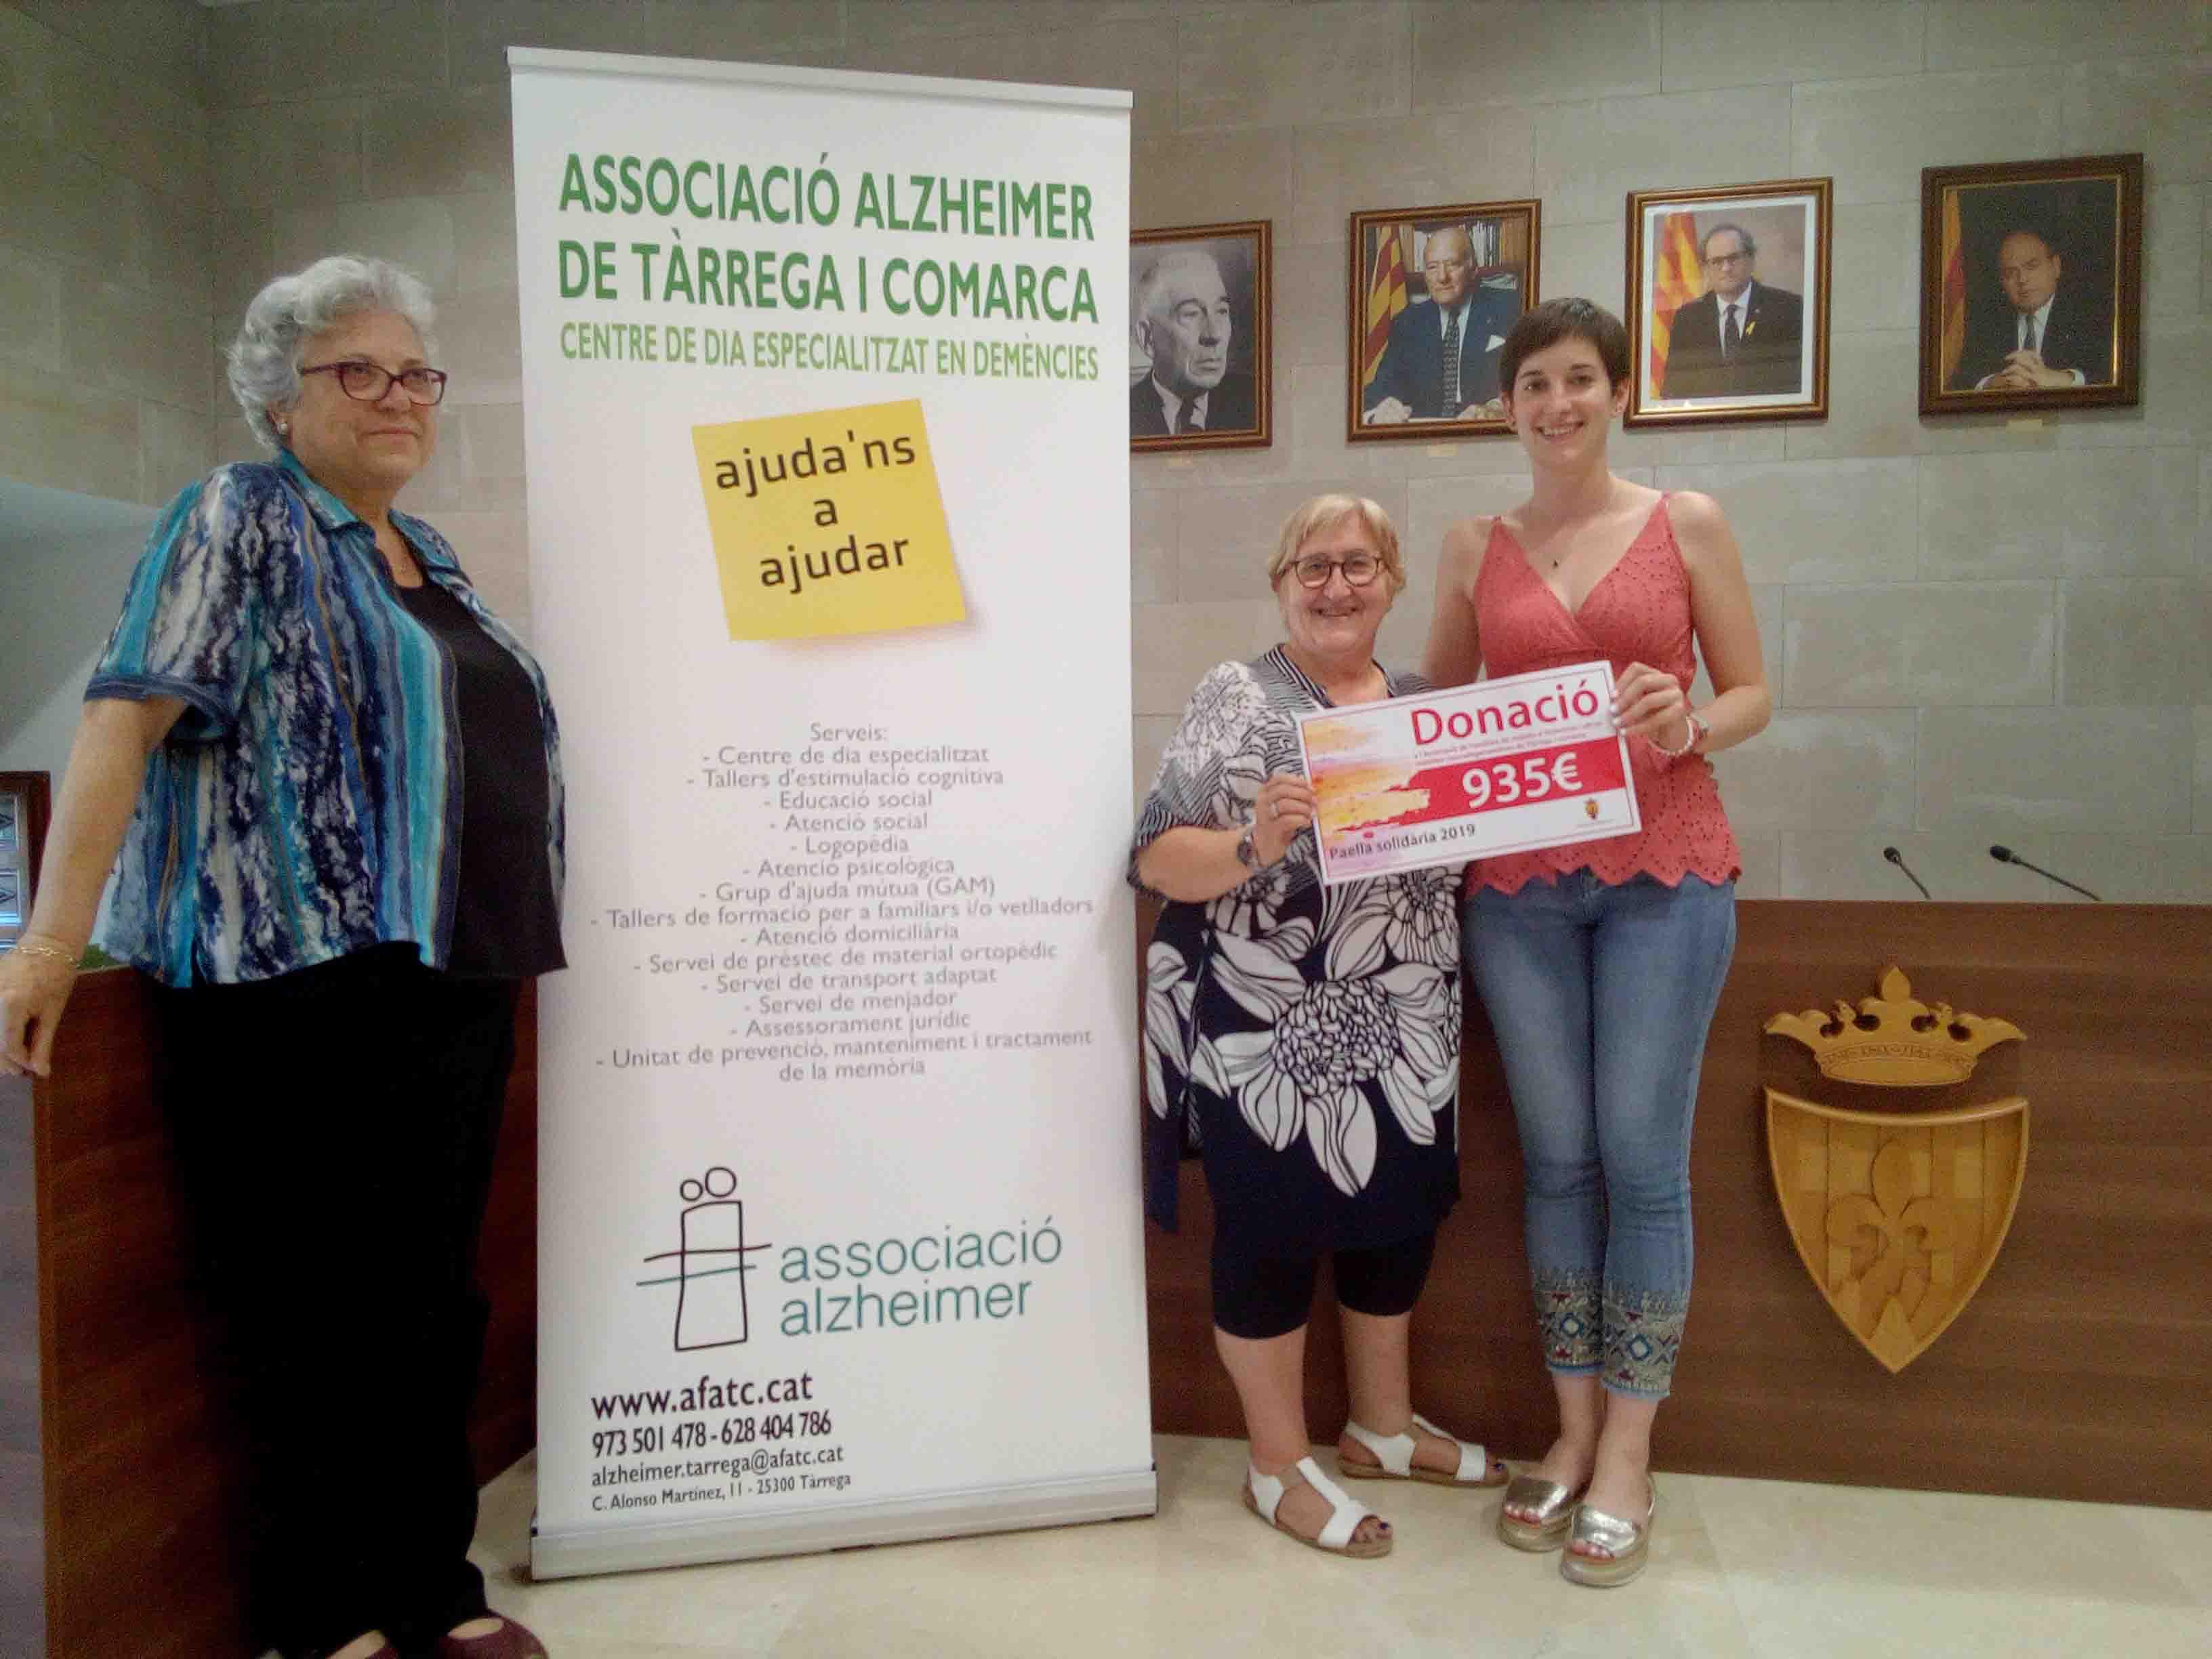 La paella solidàra d'Agramunt recapta 935 euros per l'Associació de Familiars de Malalts d'Alzheimer